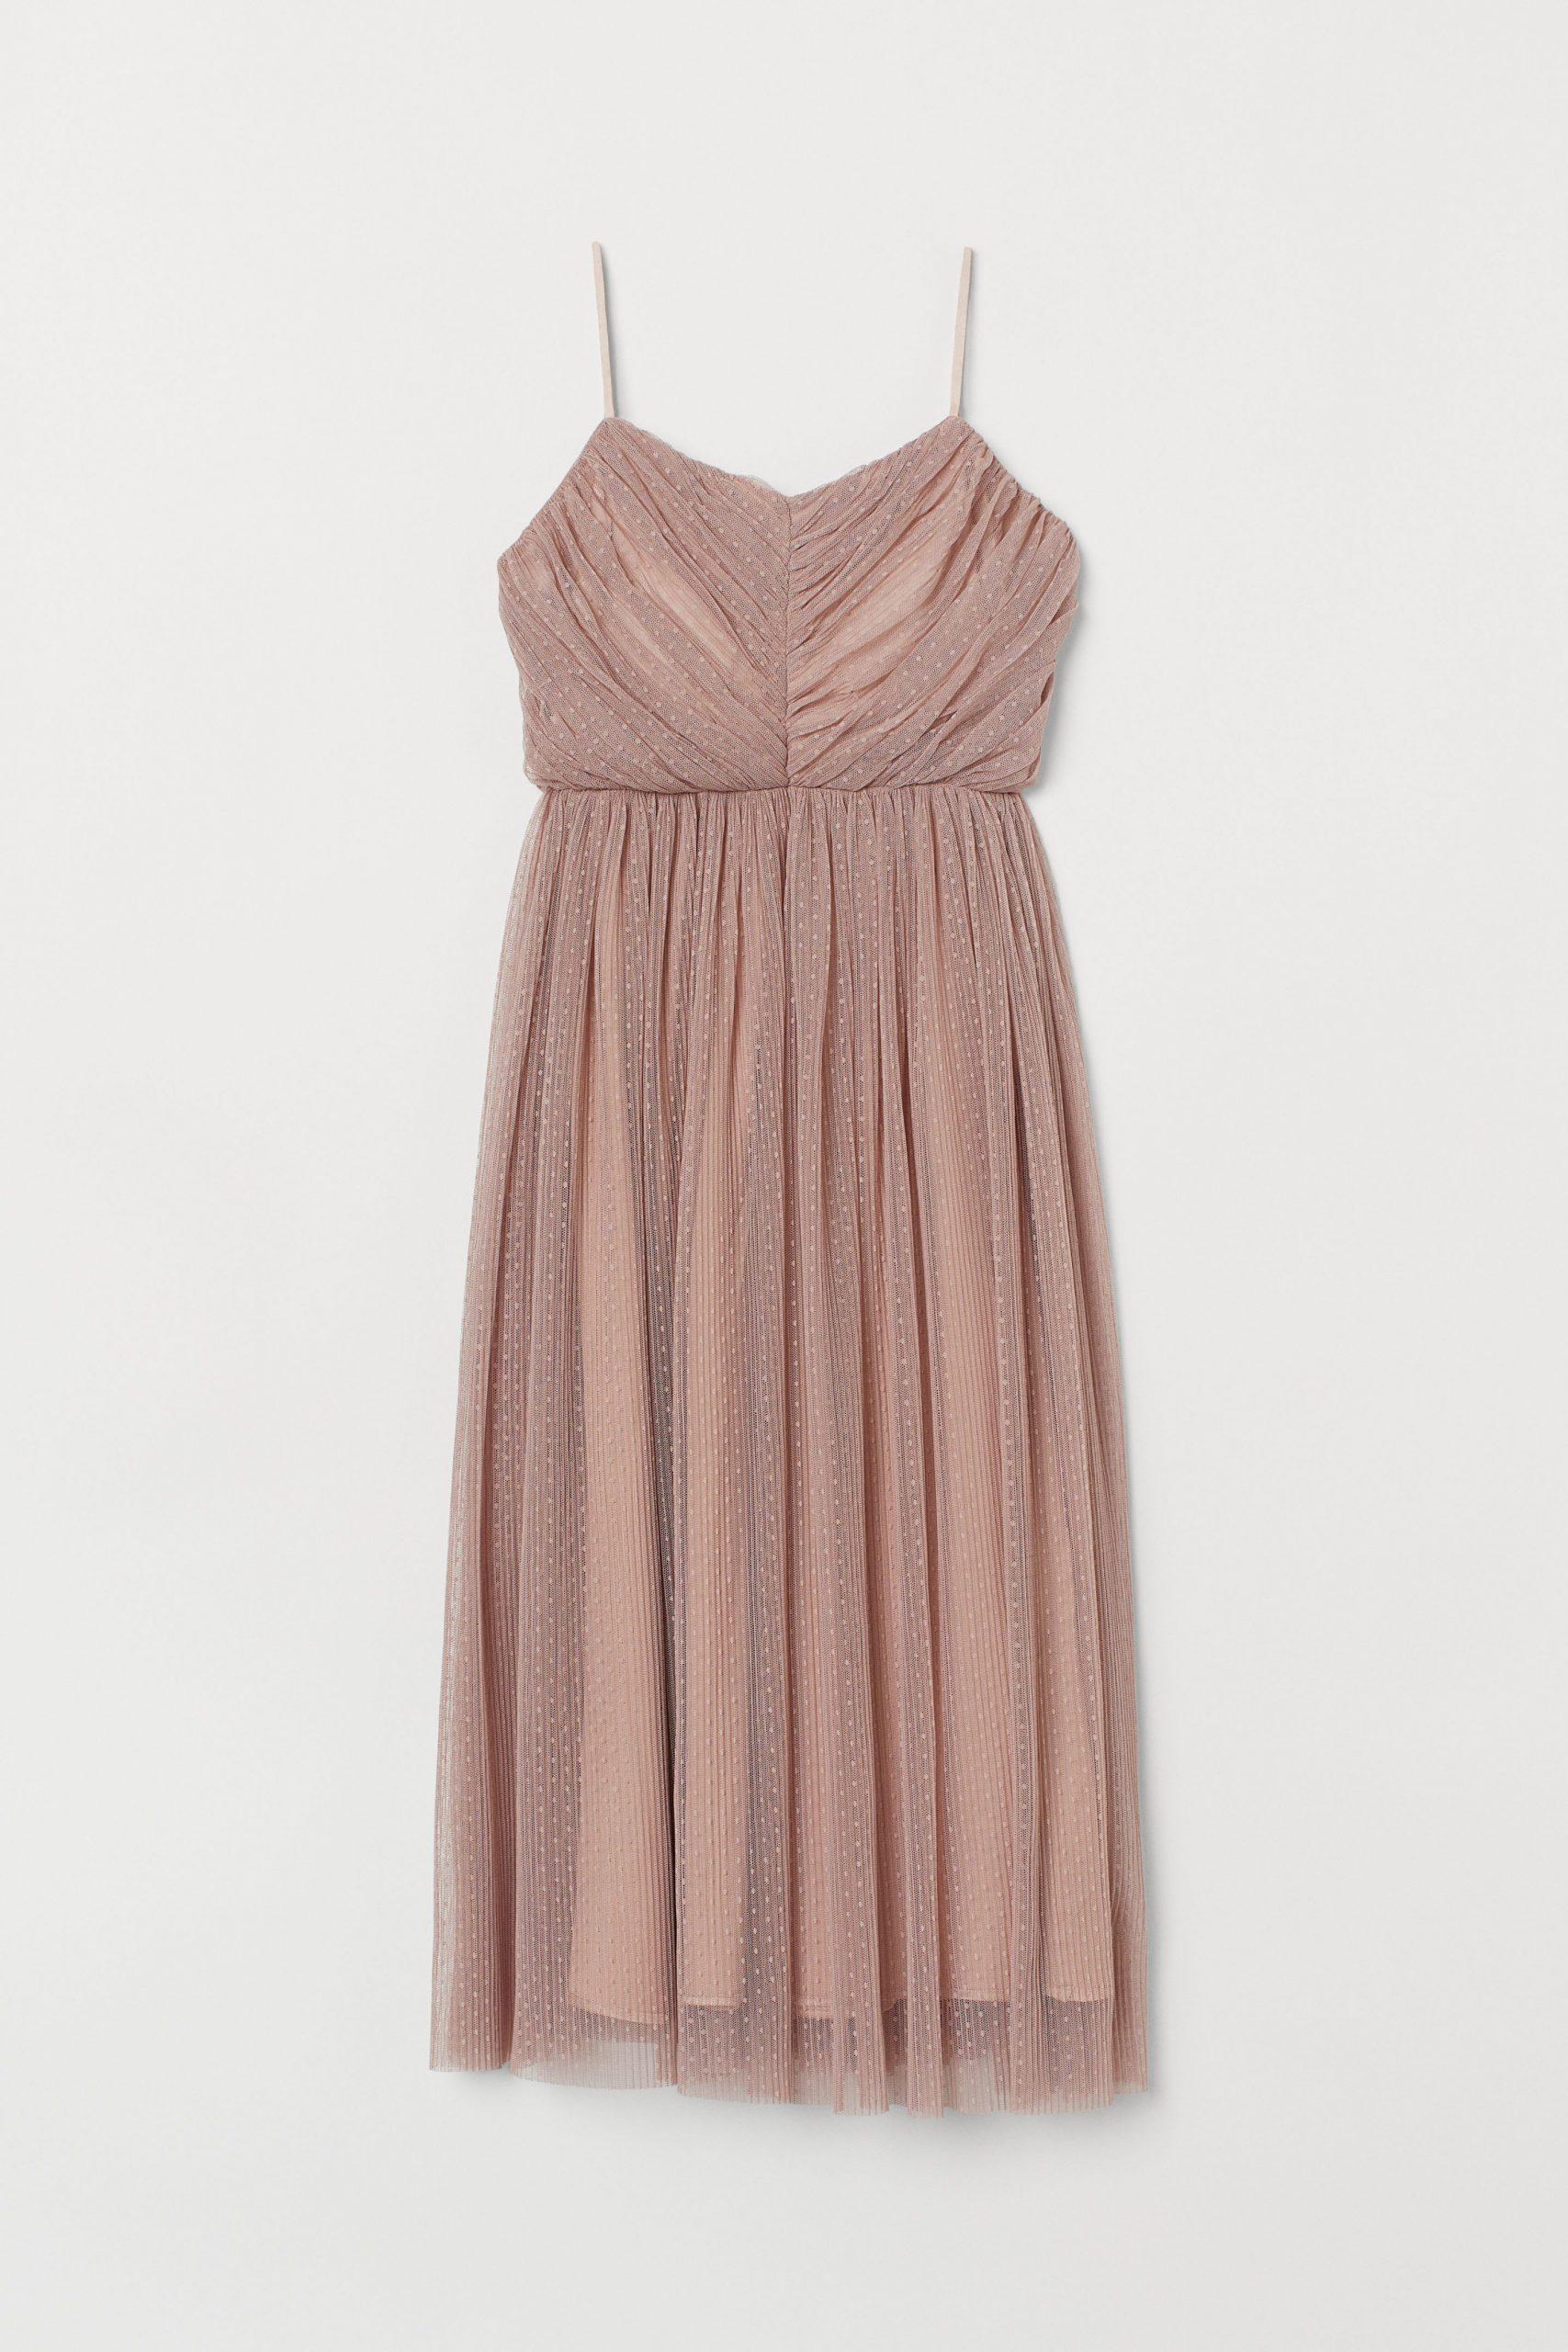 Wadenlanges Tüllkleid  Tüllkleidchen Wadenlanges Kleid